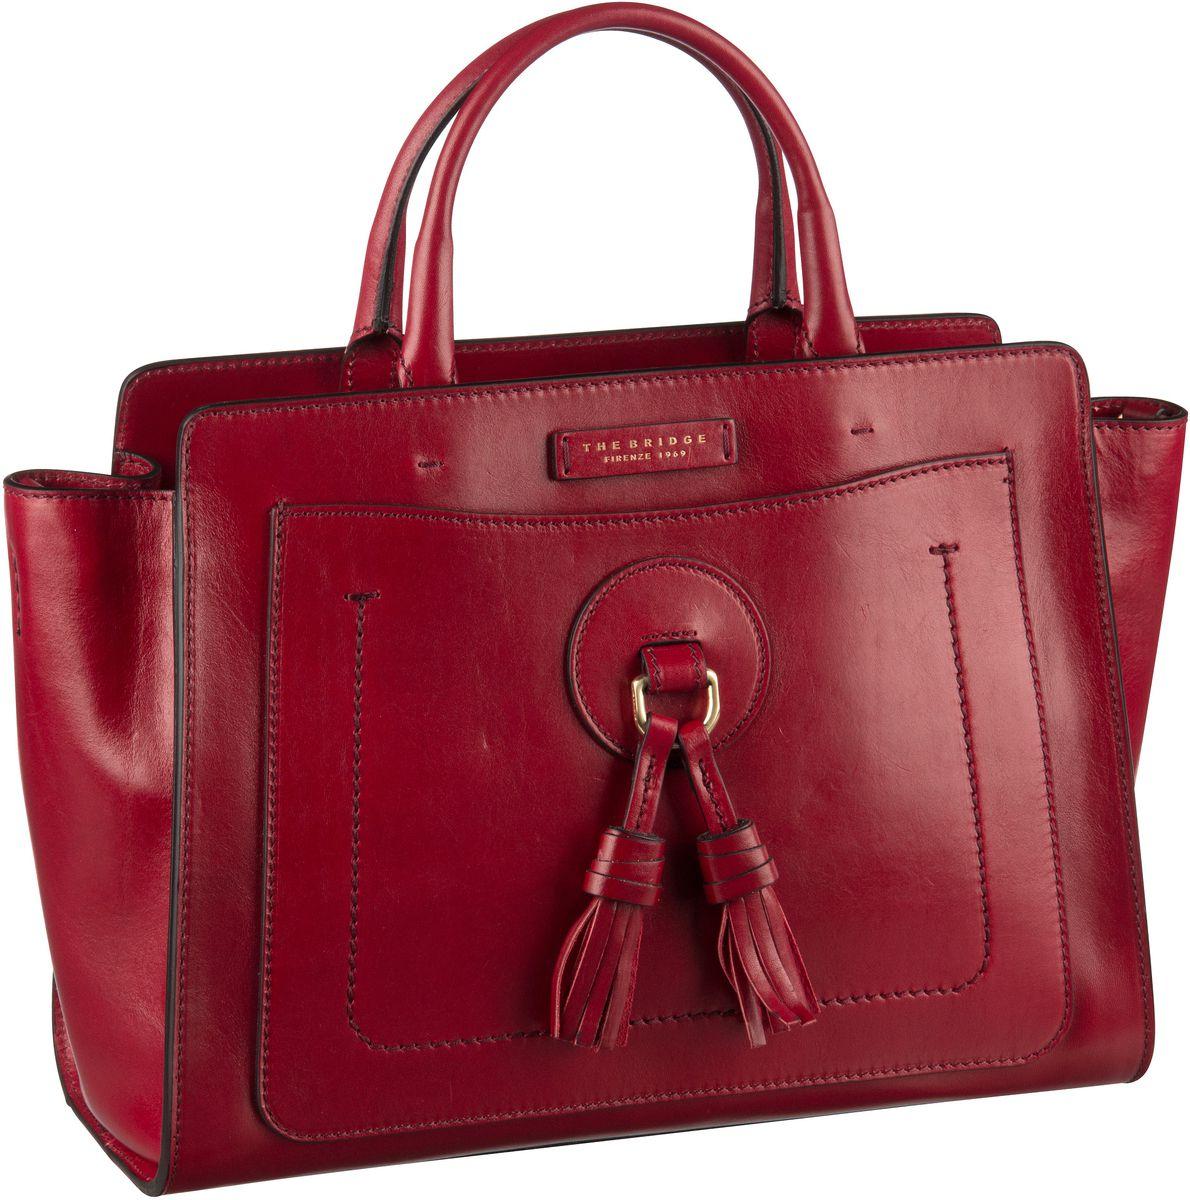 Handtasche Santacroce Handtasche 3318 Rosso Ribes/Oro